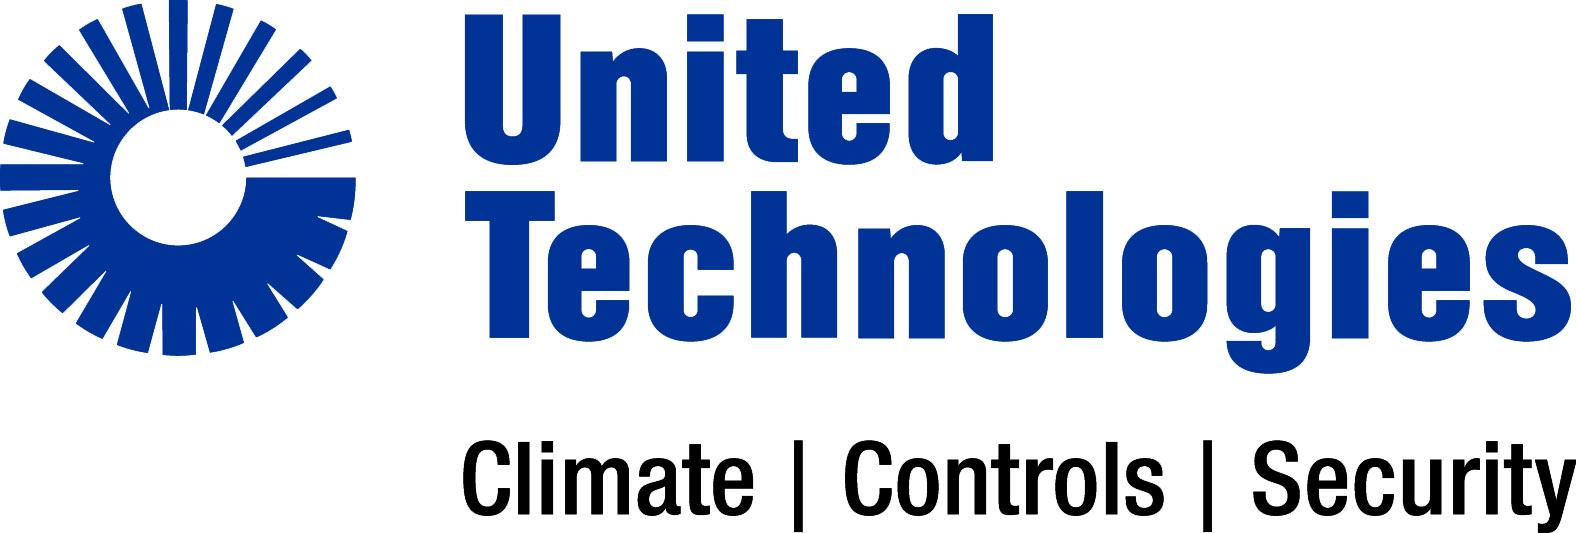 UTC_CCS_2Line_blue_RGB